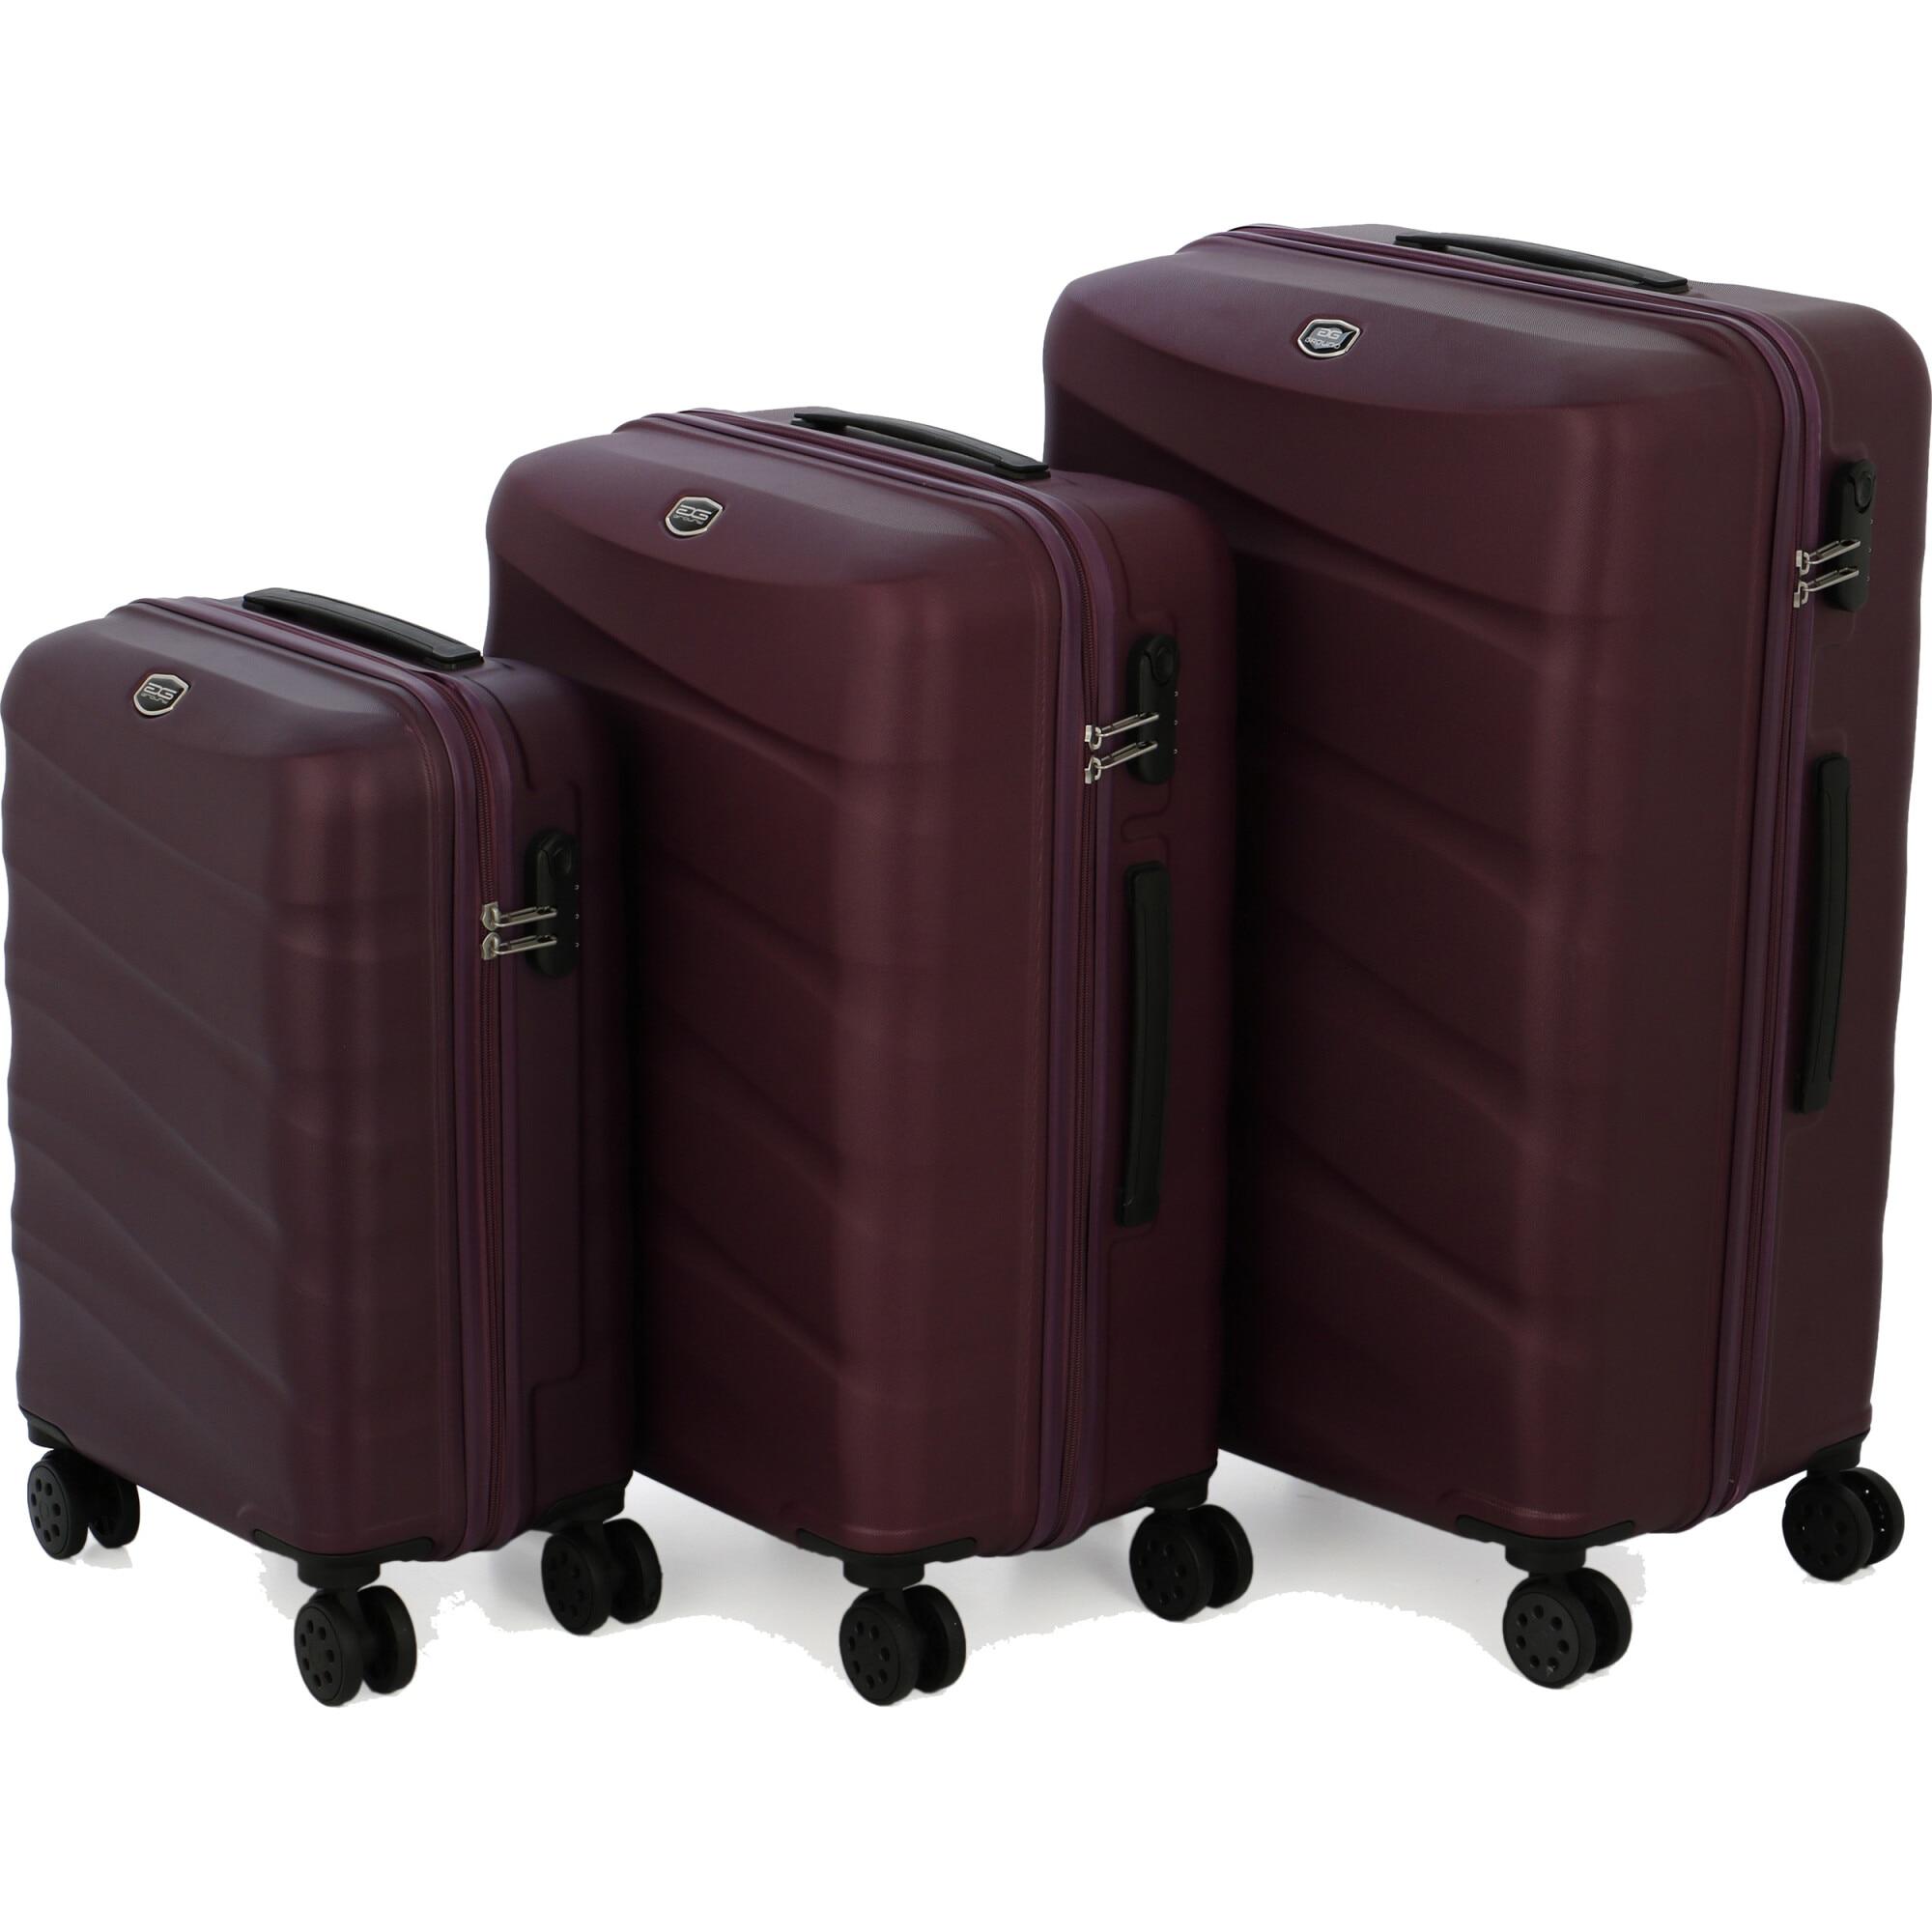 Fotografie Set 3 trolere WIDE, ABS, marime S+M+L, rosu-violet